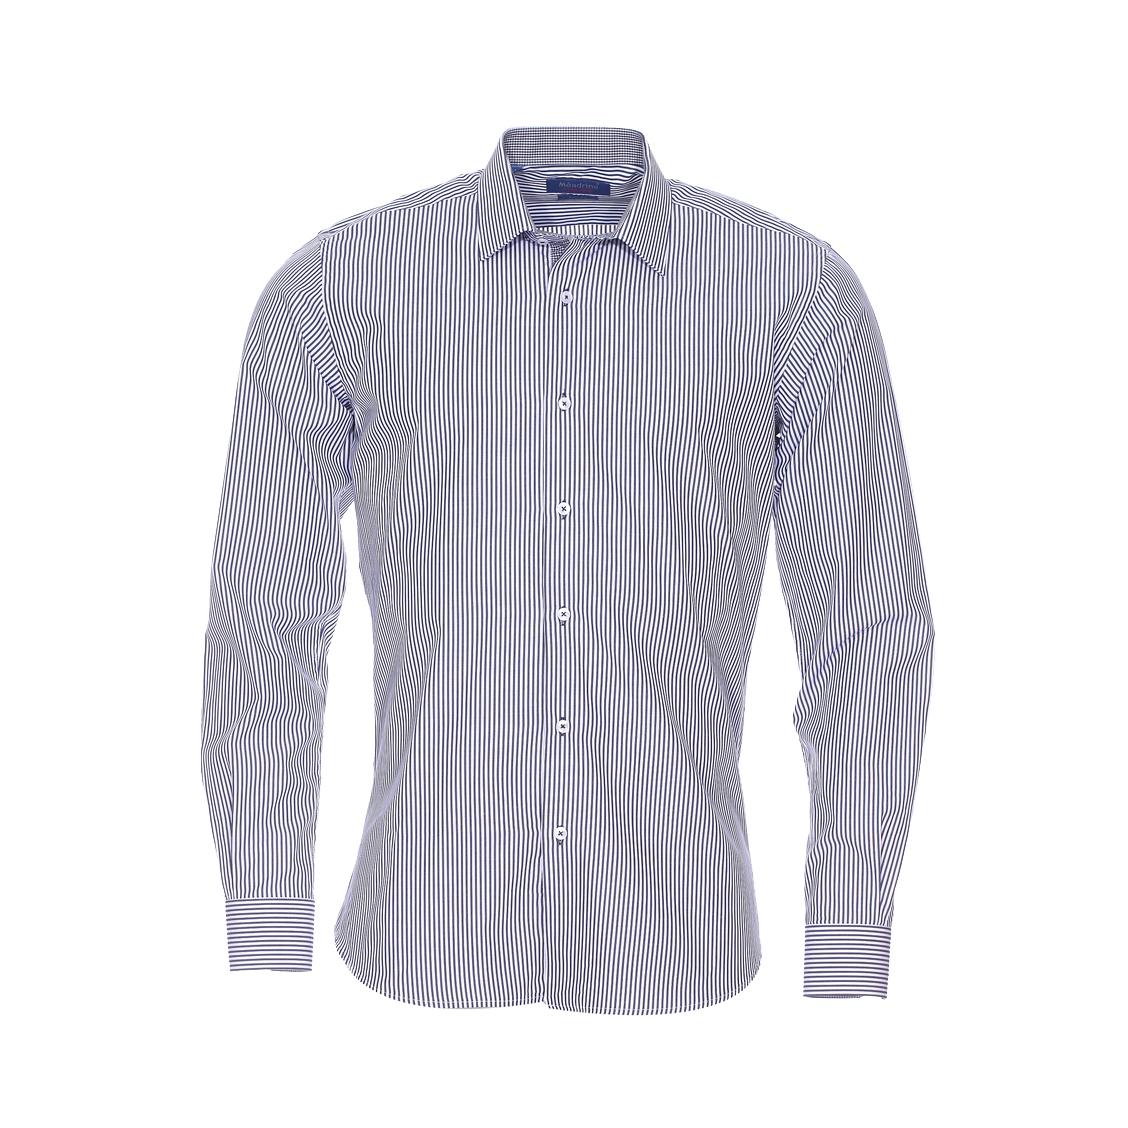 Chemise cintrée  en coton à rayures bleu marine et blanches